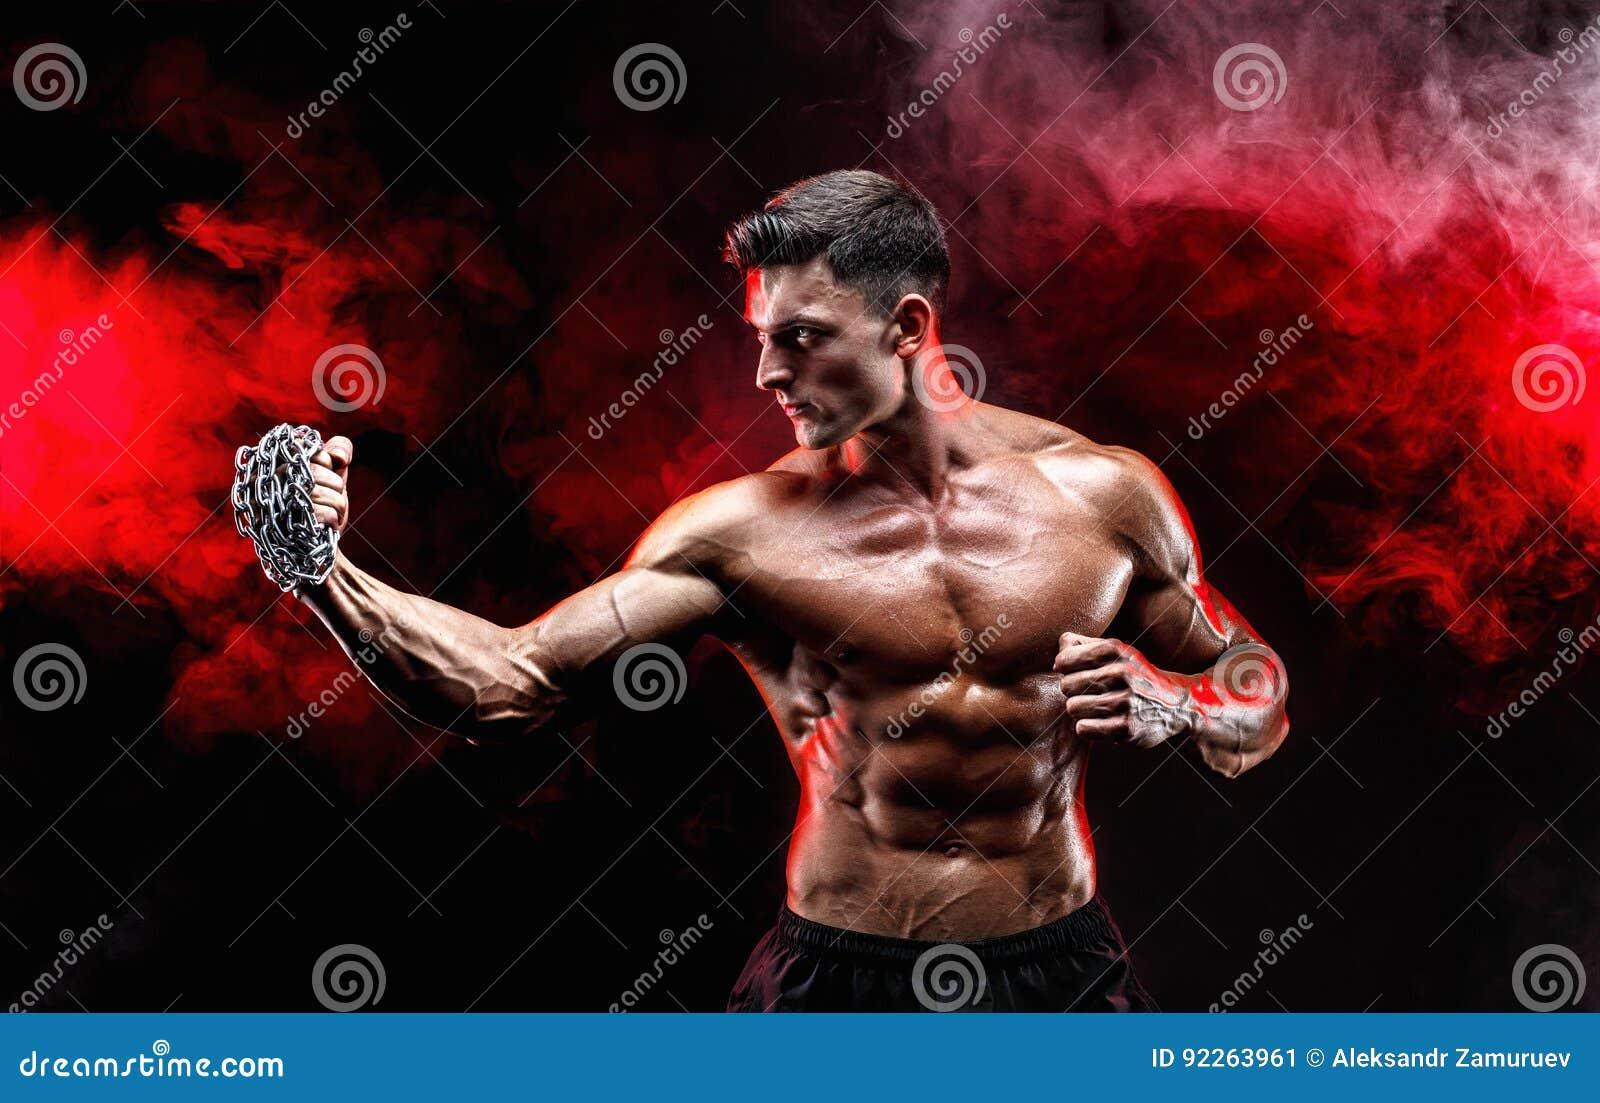 Lutador muscular sério que faz o perfurador com as correntes trançadas sobre seu punho